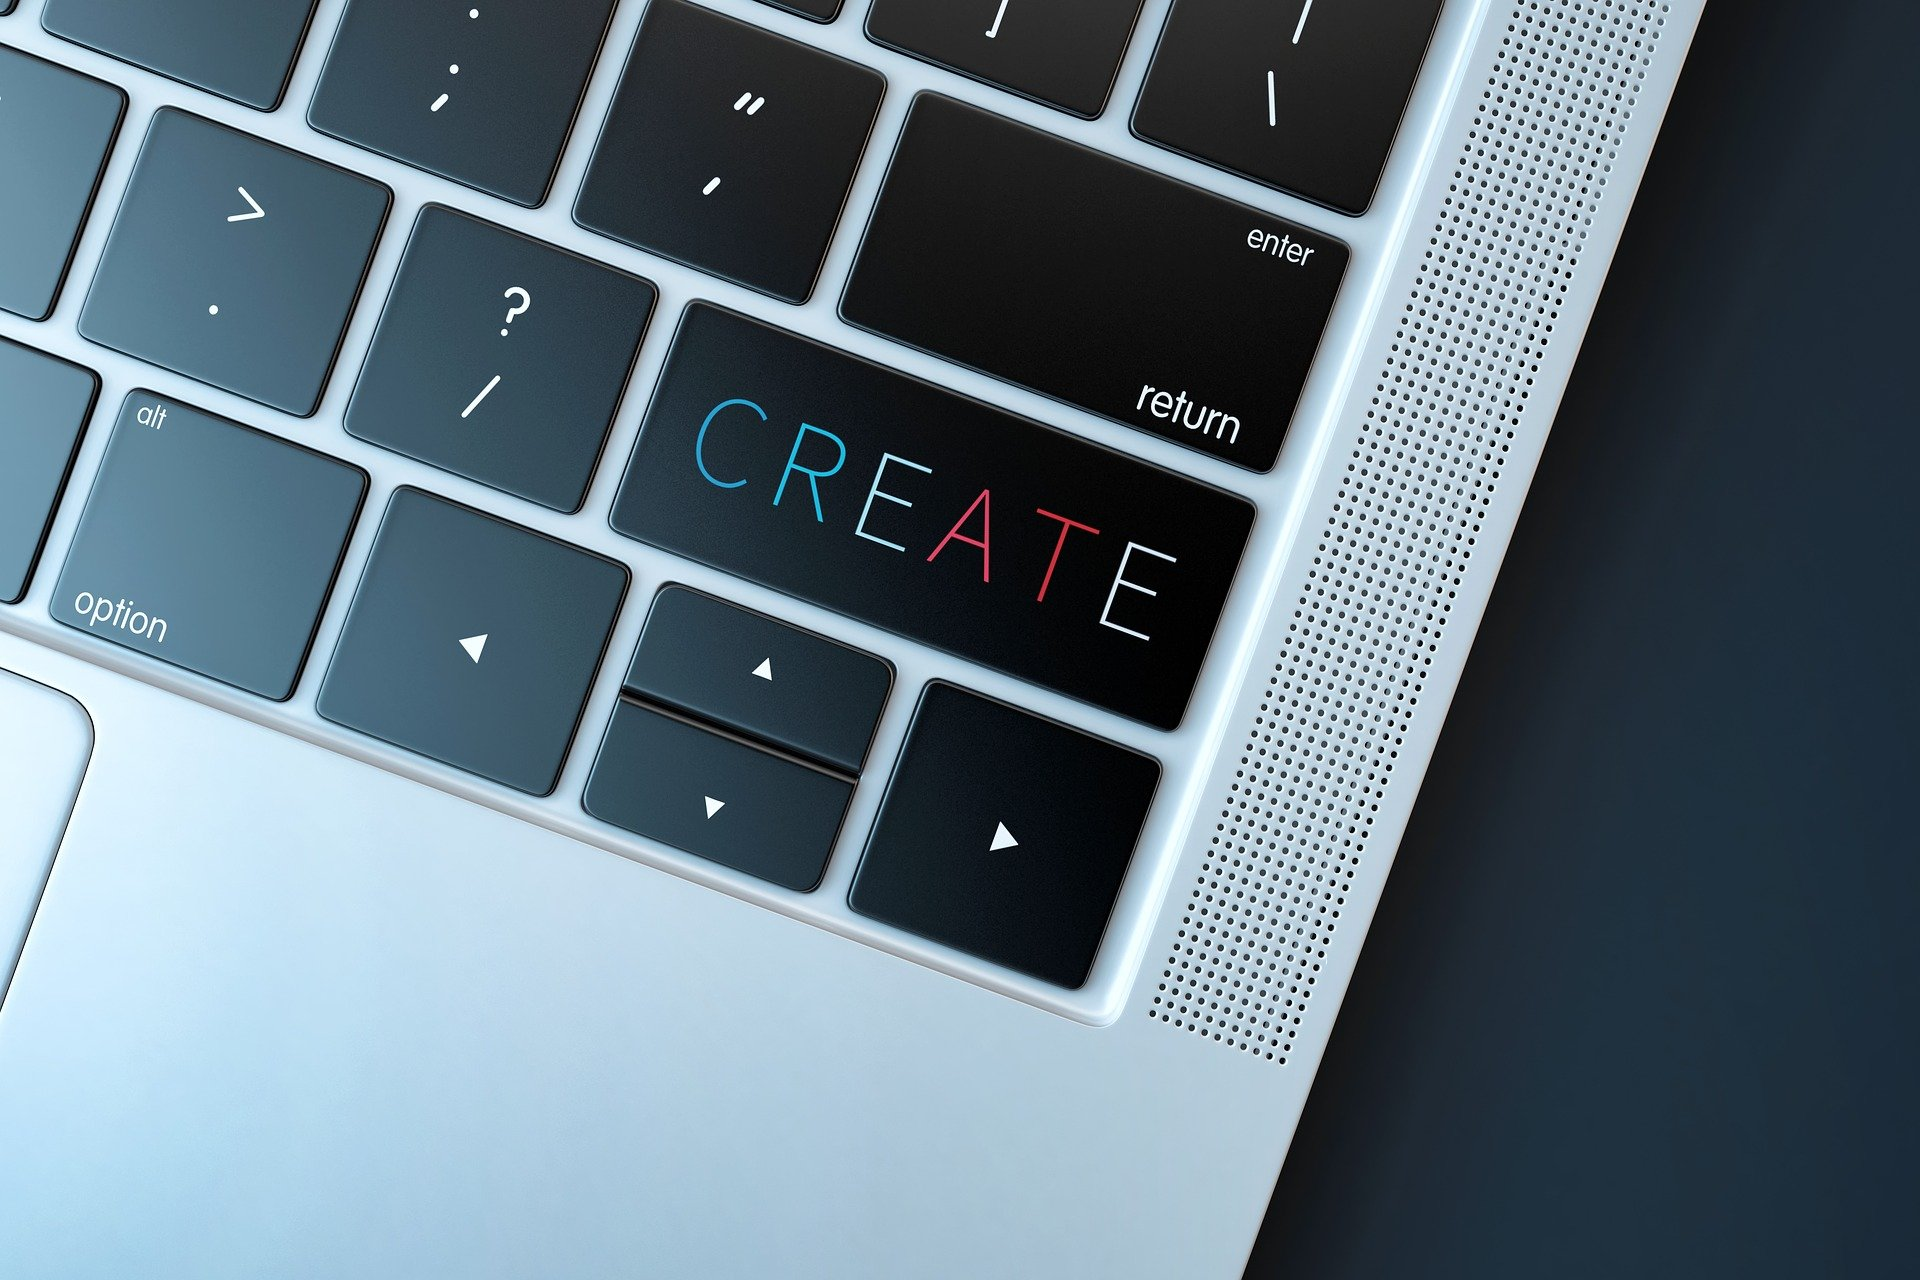 idée pour améliorer site internet, l'embellir, les préconisations